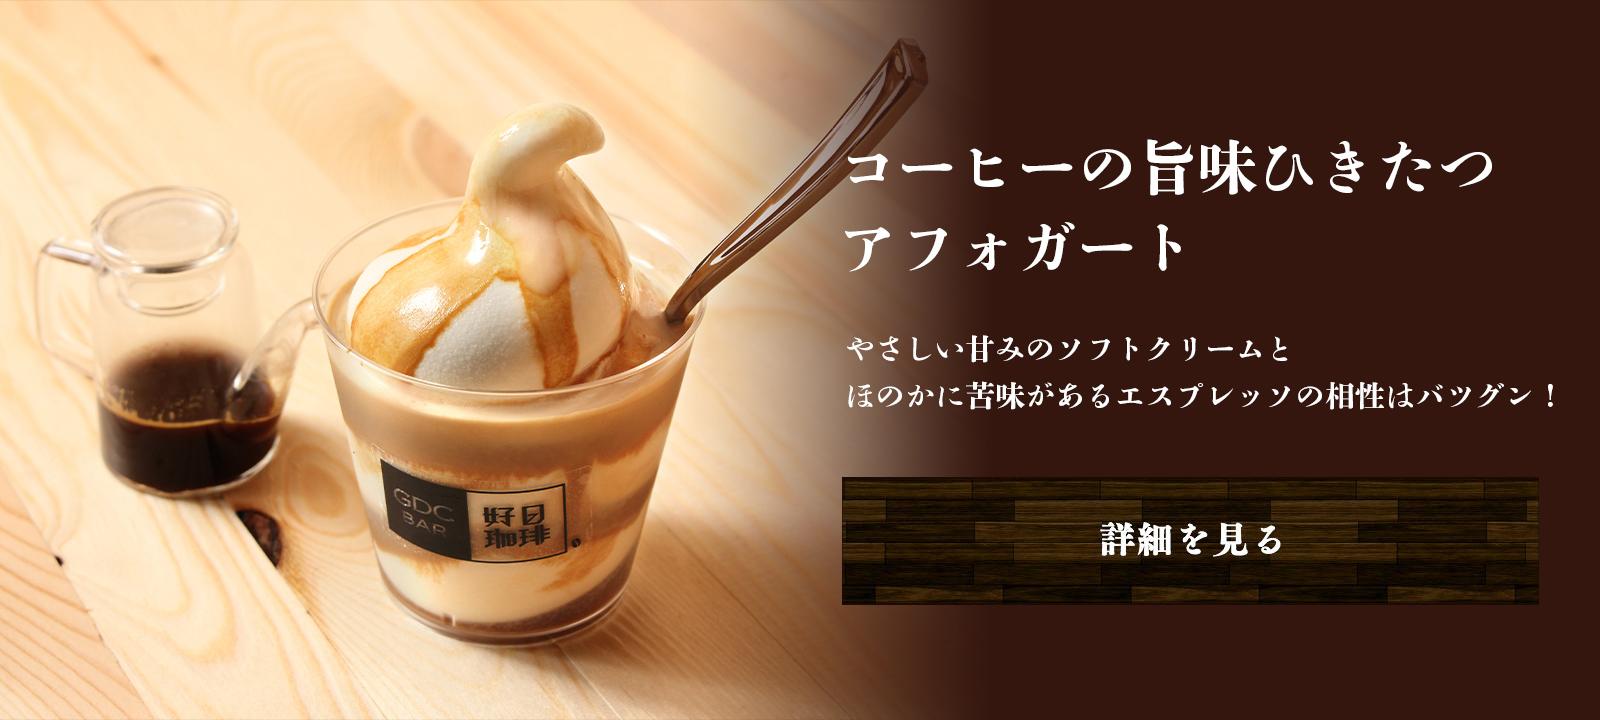 コーヒーの旨味ひきたつアフォガード やさしい甘みのソフトクリームとほのかに苦味があるエスプレッソの相性はバツグン!